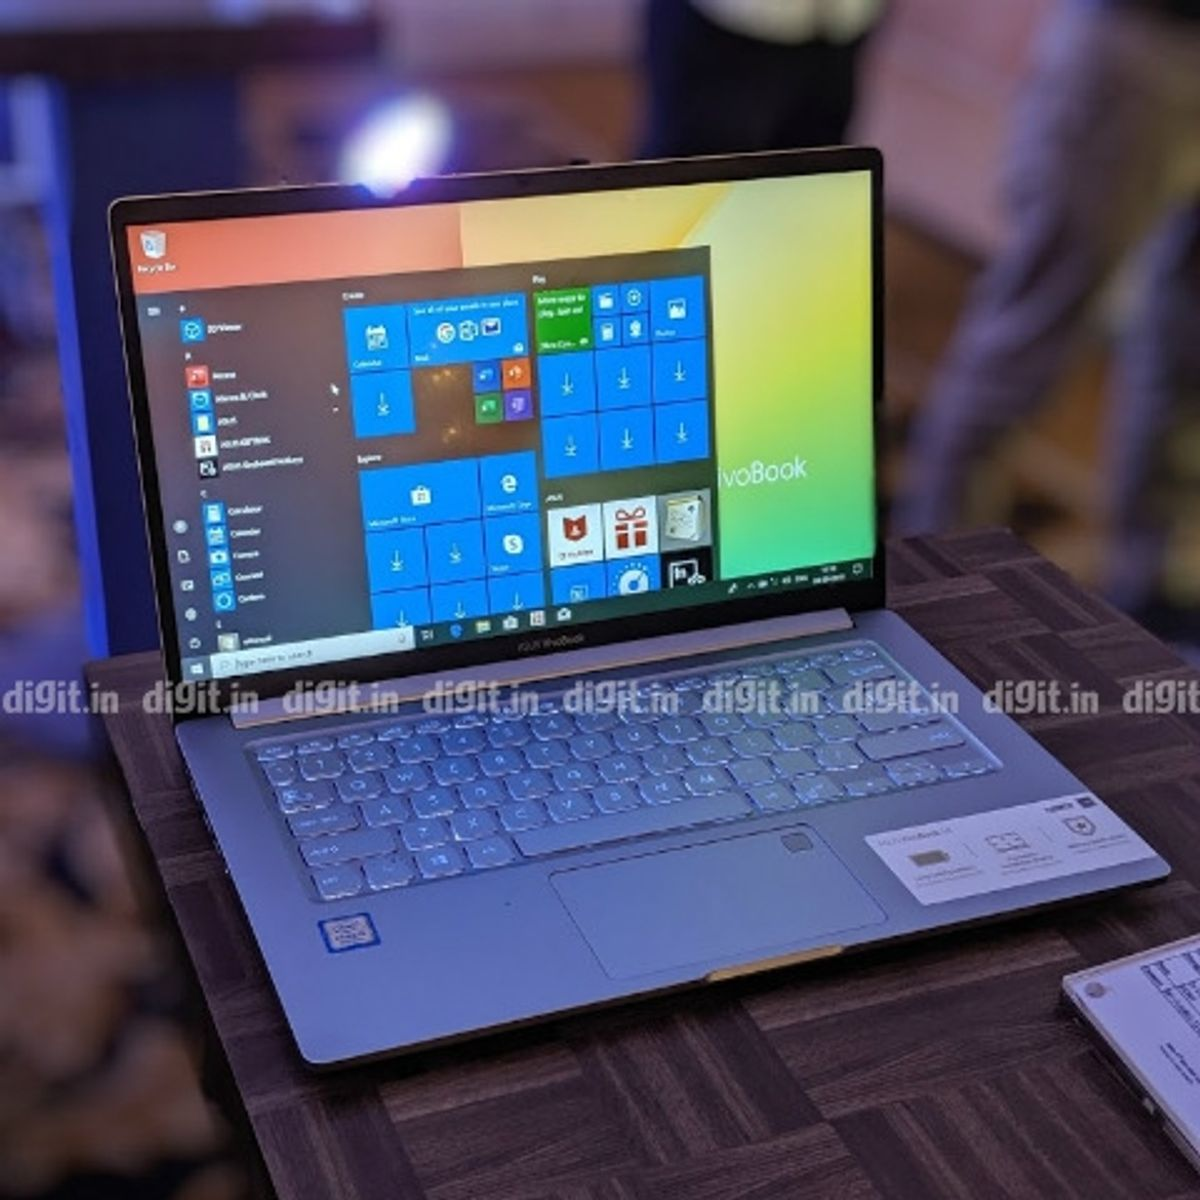 Asus VivoBook 14 X403: Big battery, bigger claim | Digit